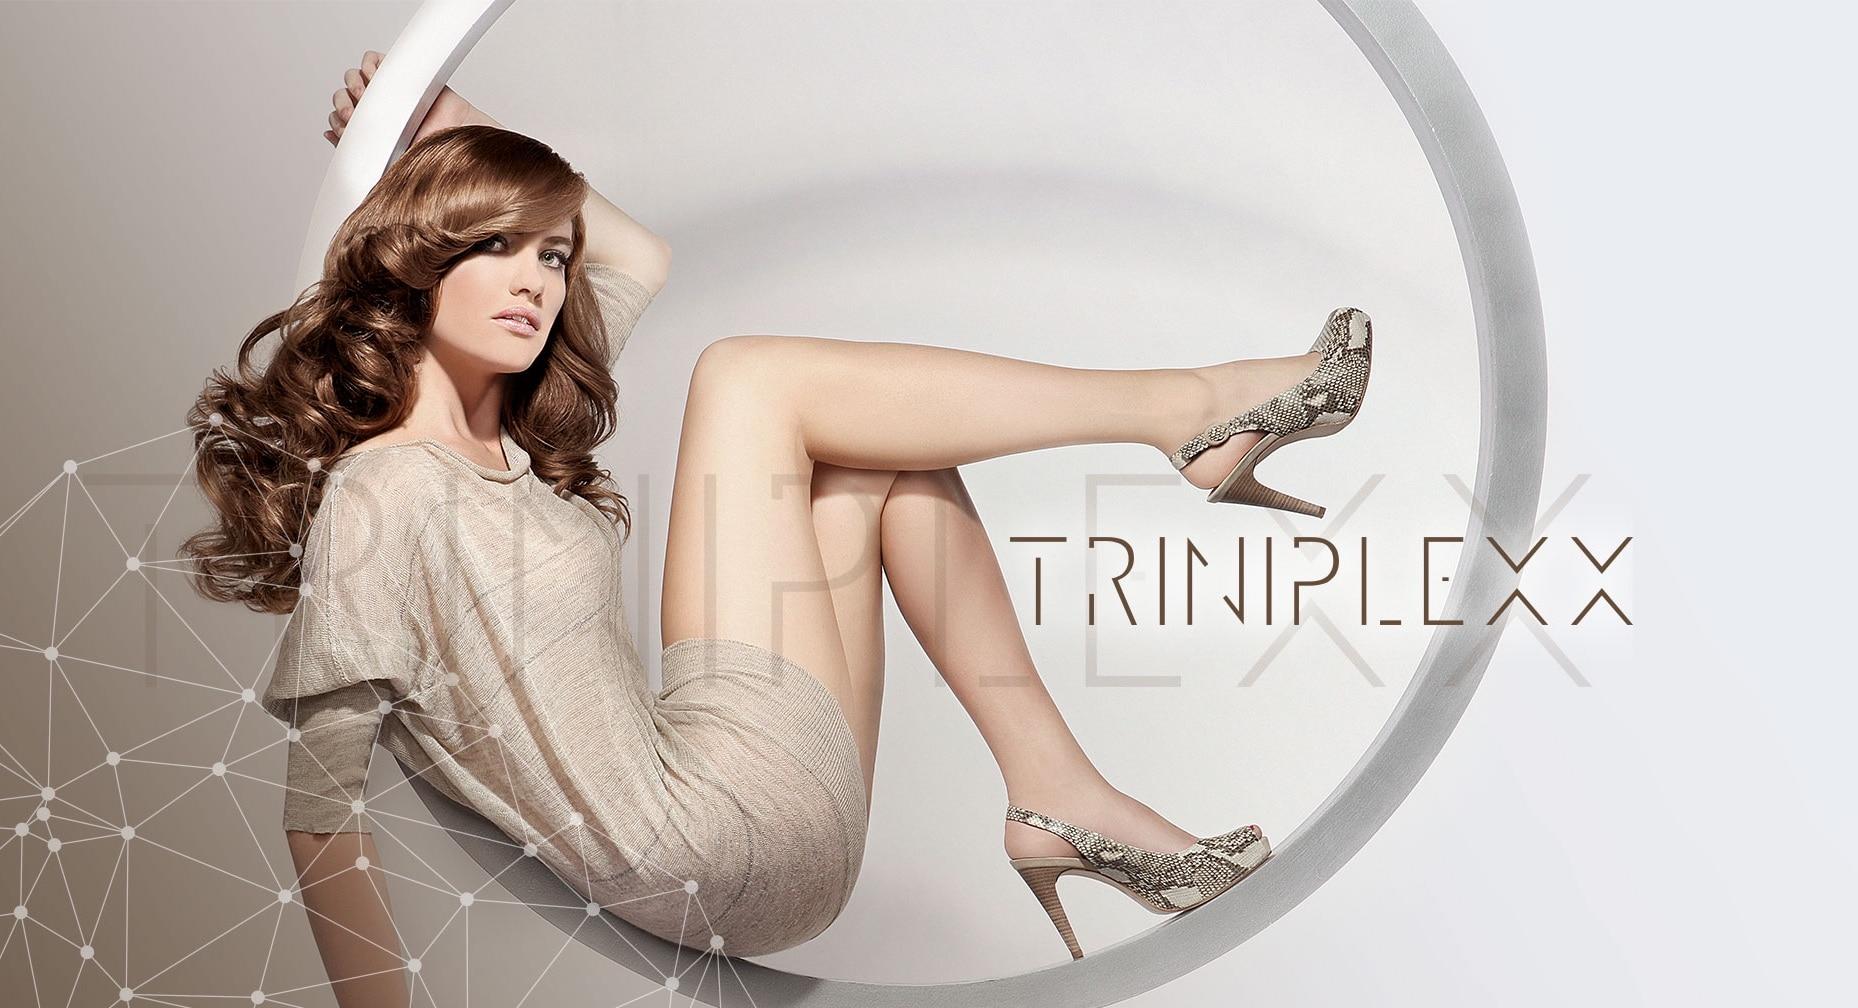 Darstellung Modell mit Triniplexx